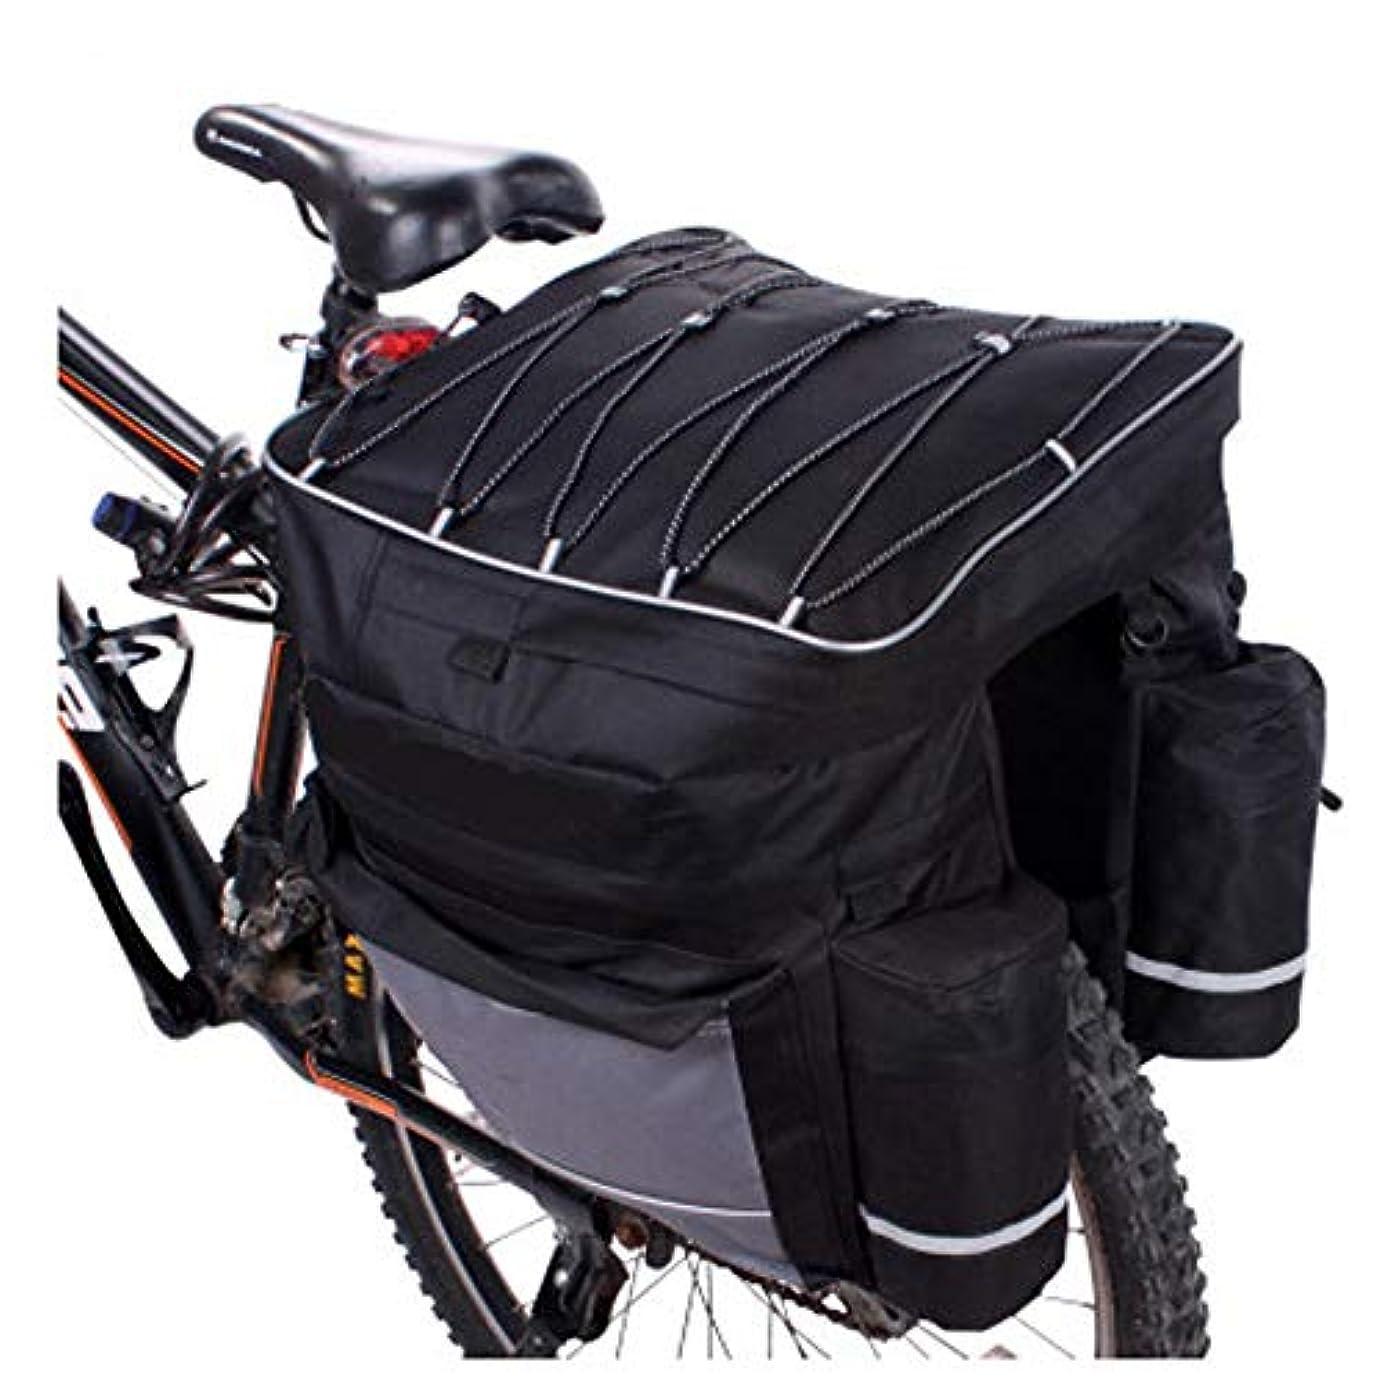 開発いらいらするモールス信号自転ドルバッグ シートポストバッグ LYQスポーツ自転車パニエ自転車パニエトランクバッグ、大容量自転車後部座席パニエ防雨カバー付きサイクリングトリップのフィット 多機能 収納 取り付け簡単 防水